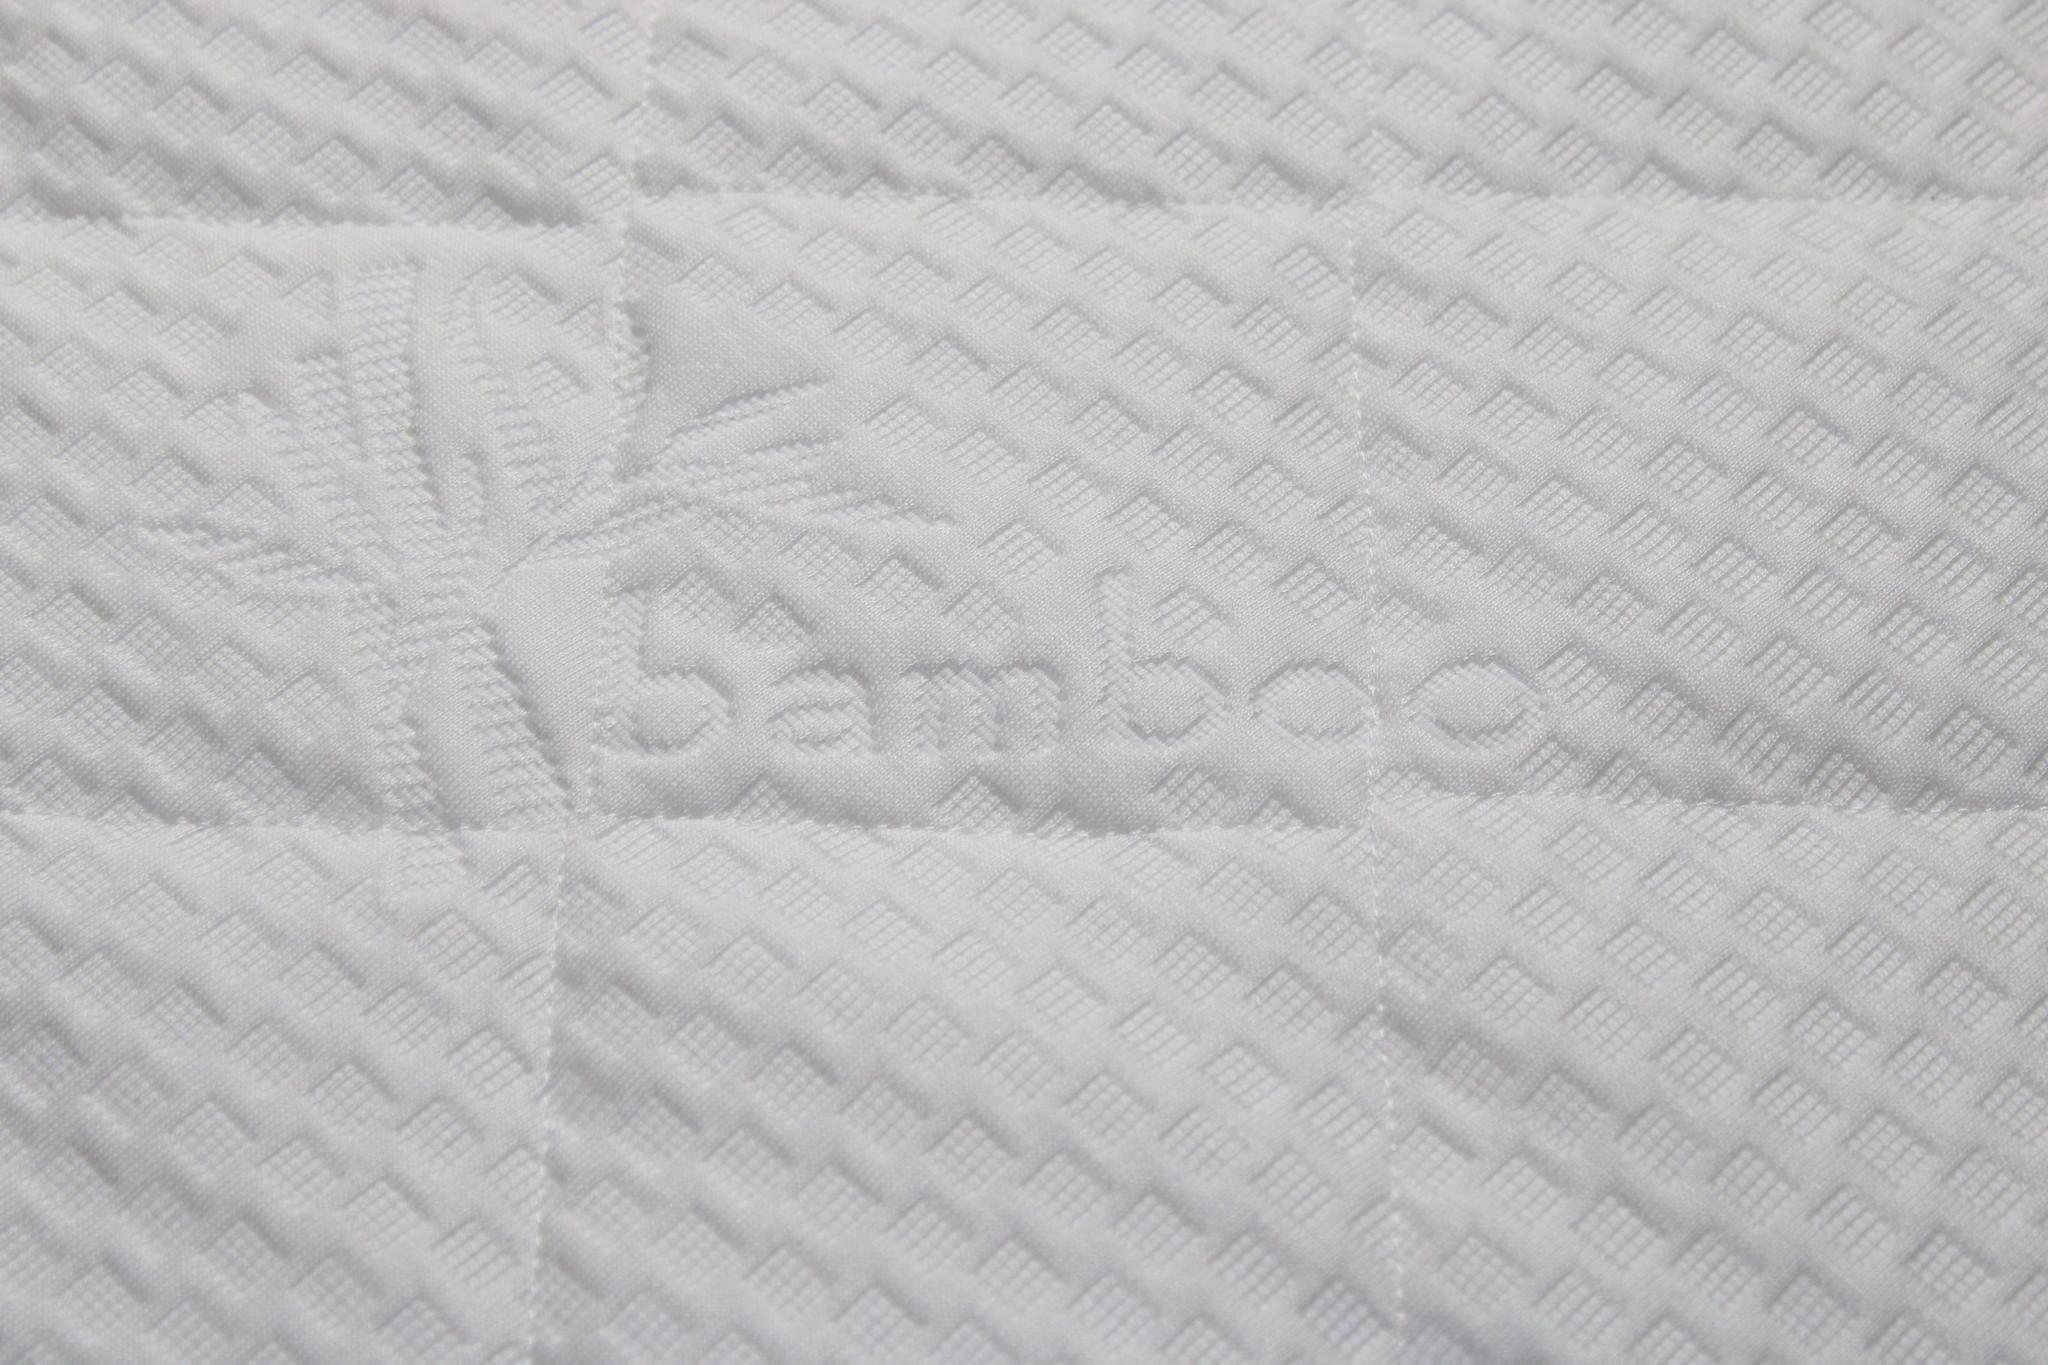 Sarpy Babymatras 70x160 koudschuim hr40 bamboo